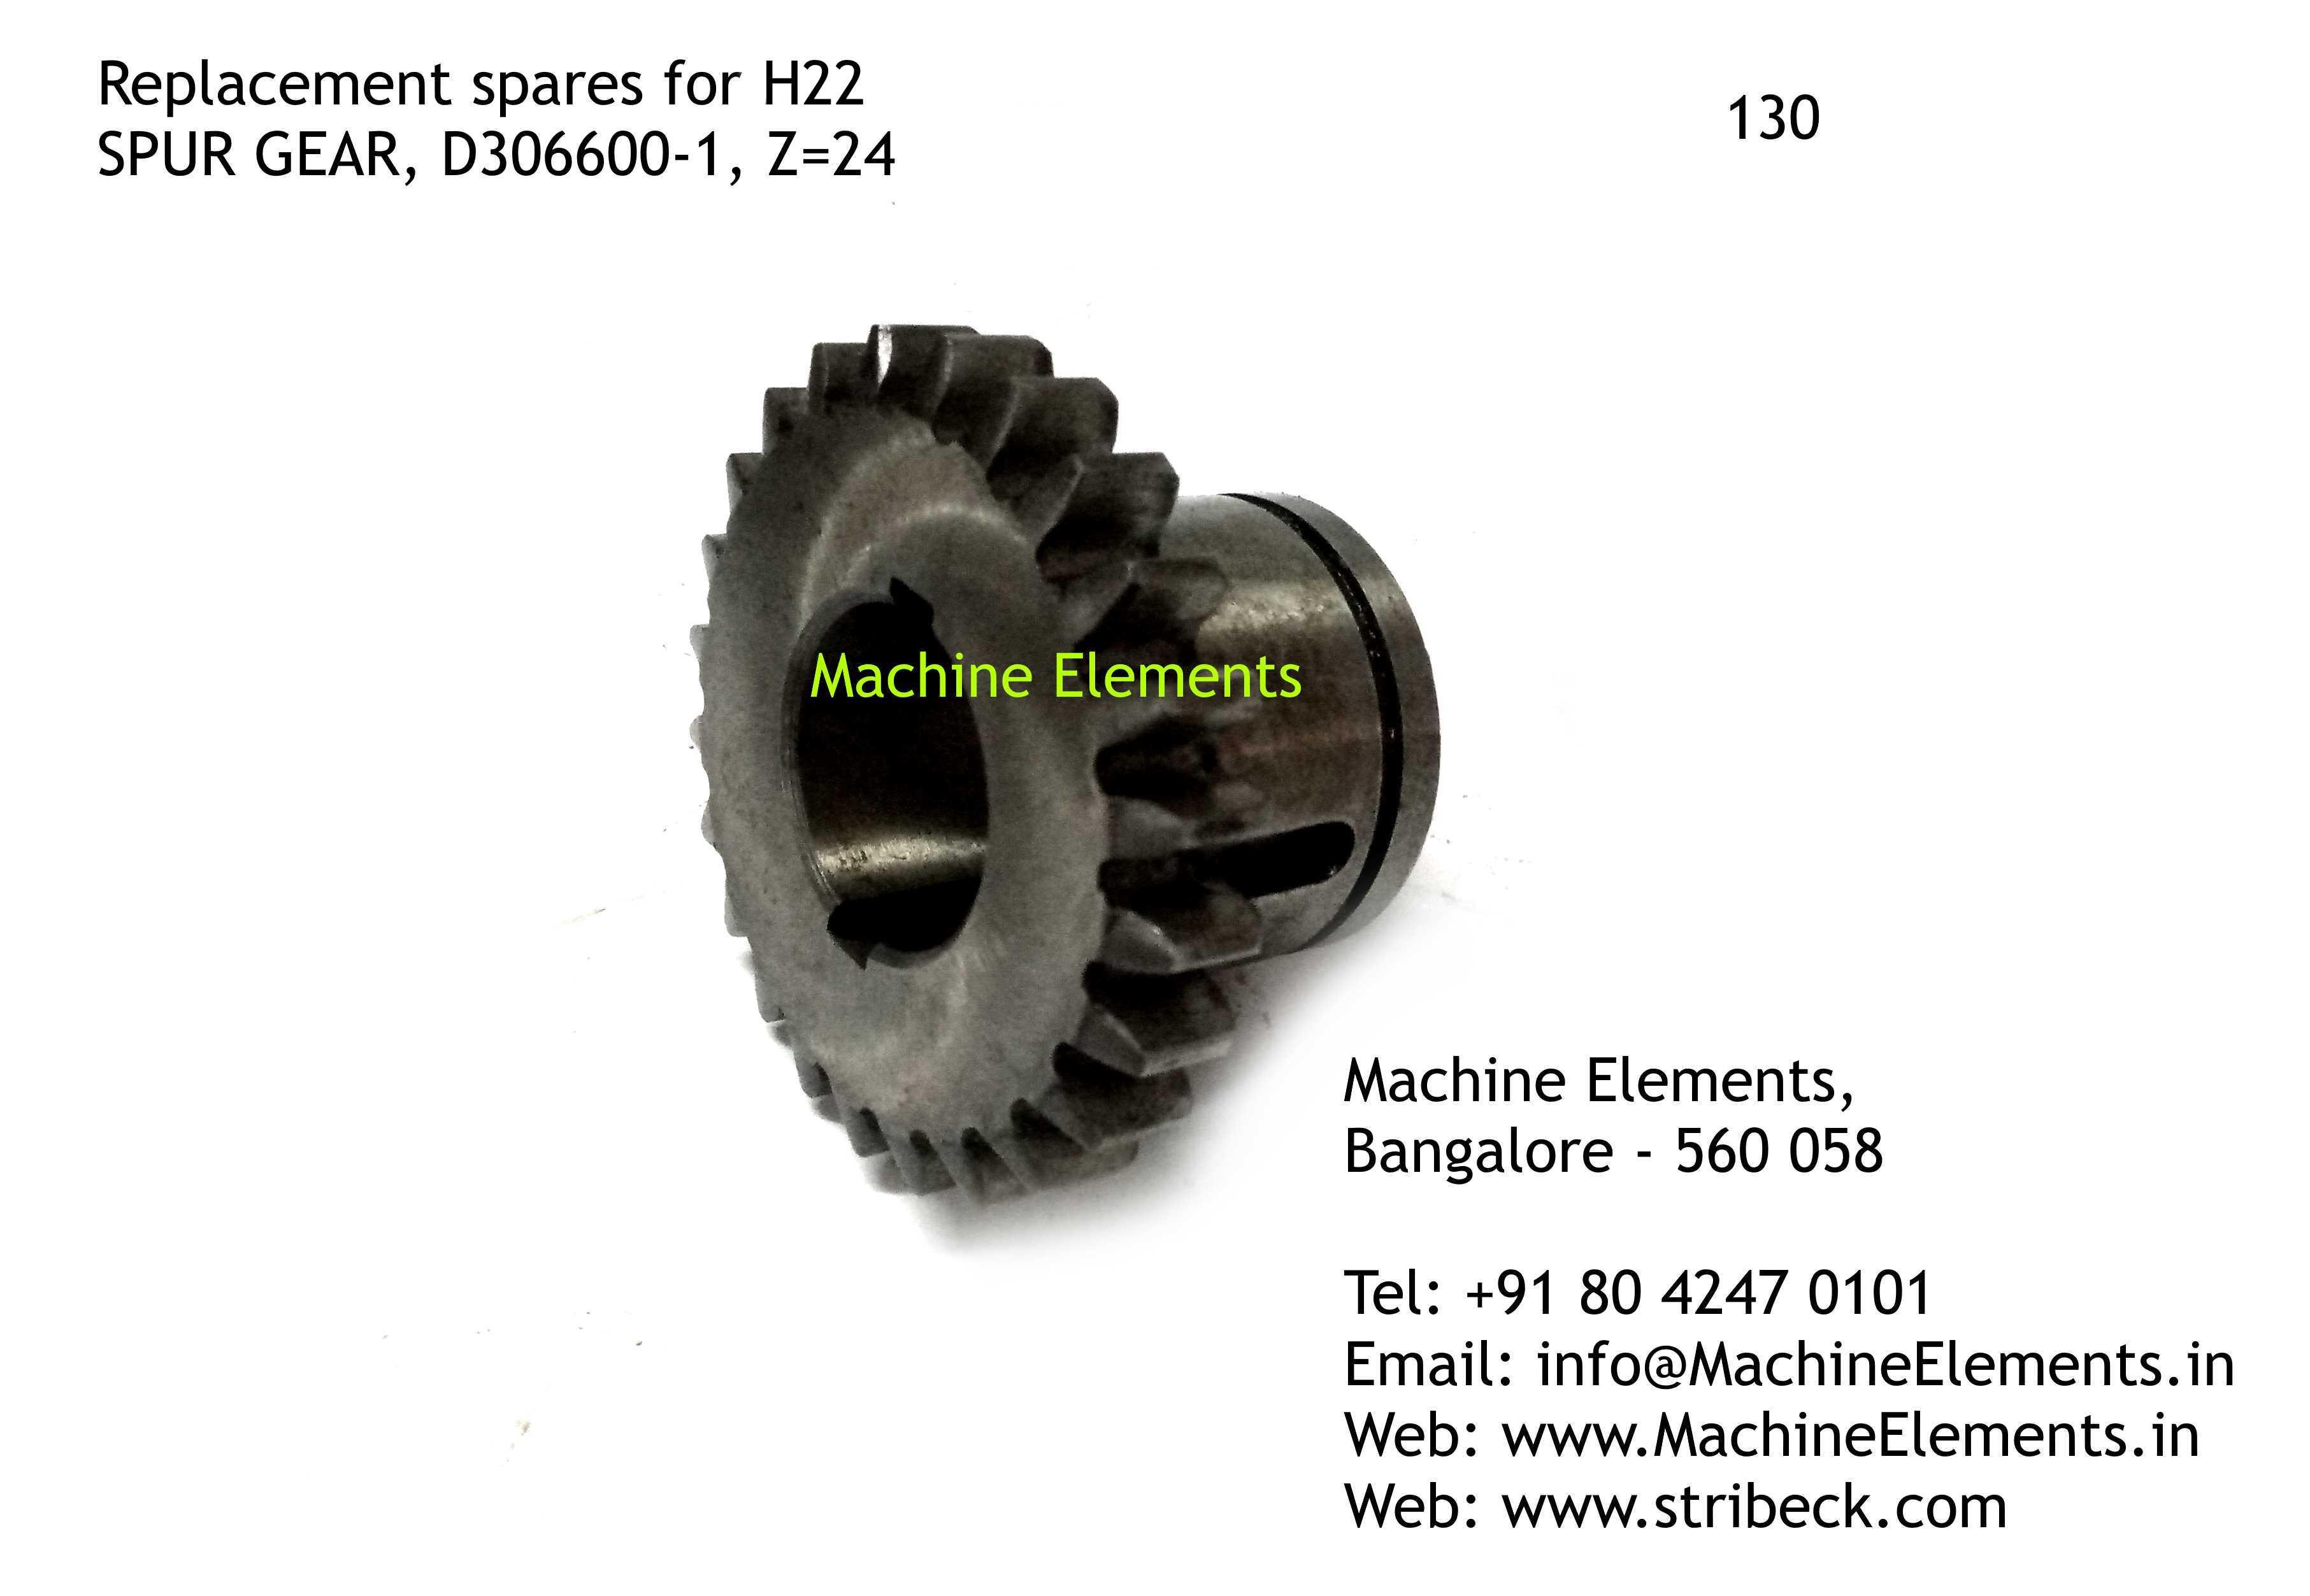 SPUR GEAR, D306600-1, Z=24